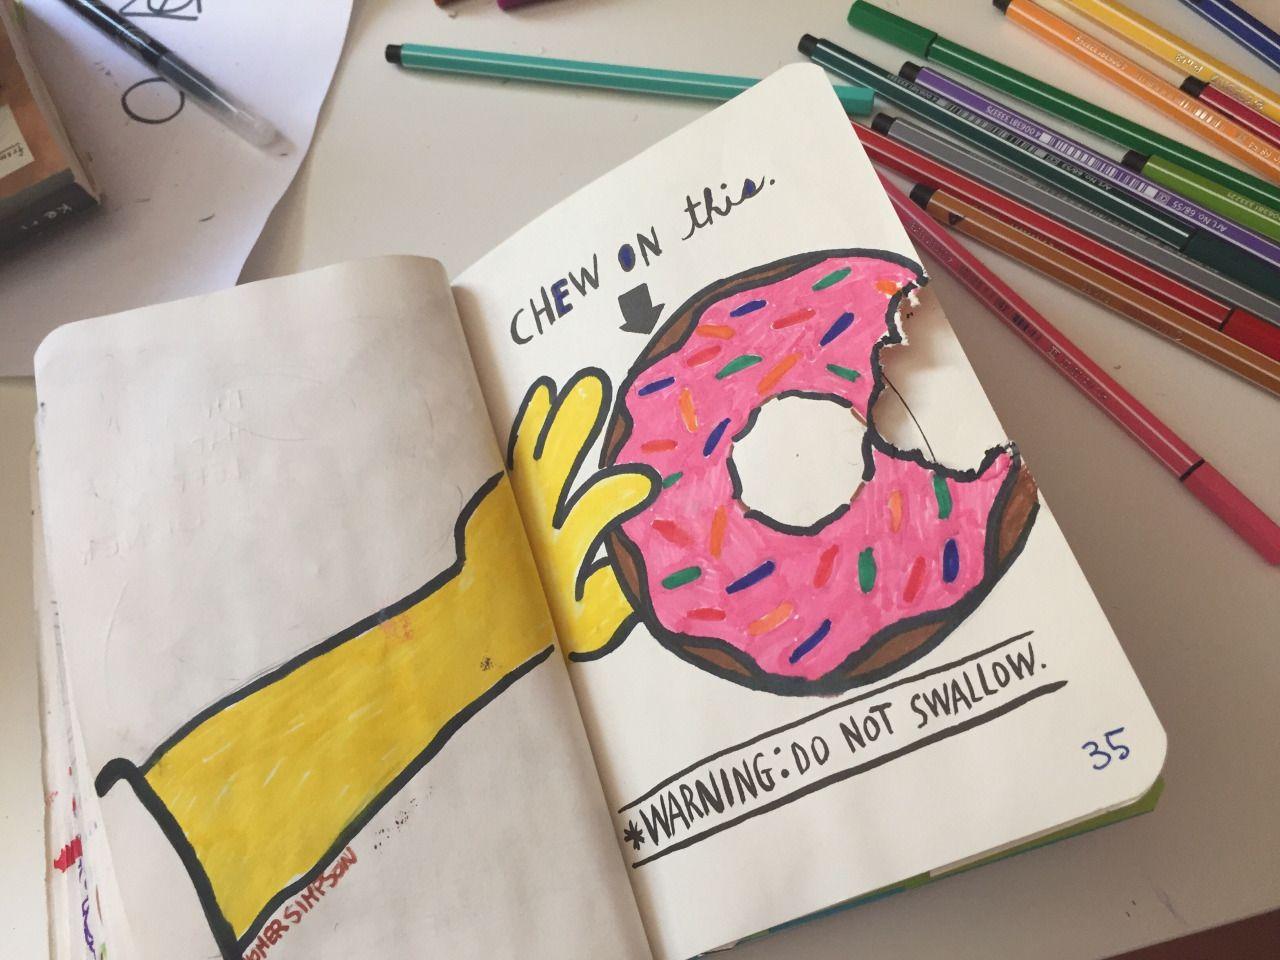 Картинки, крутые рисунки и идеи для лд